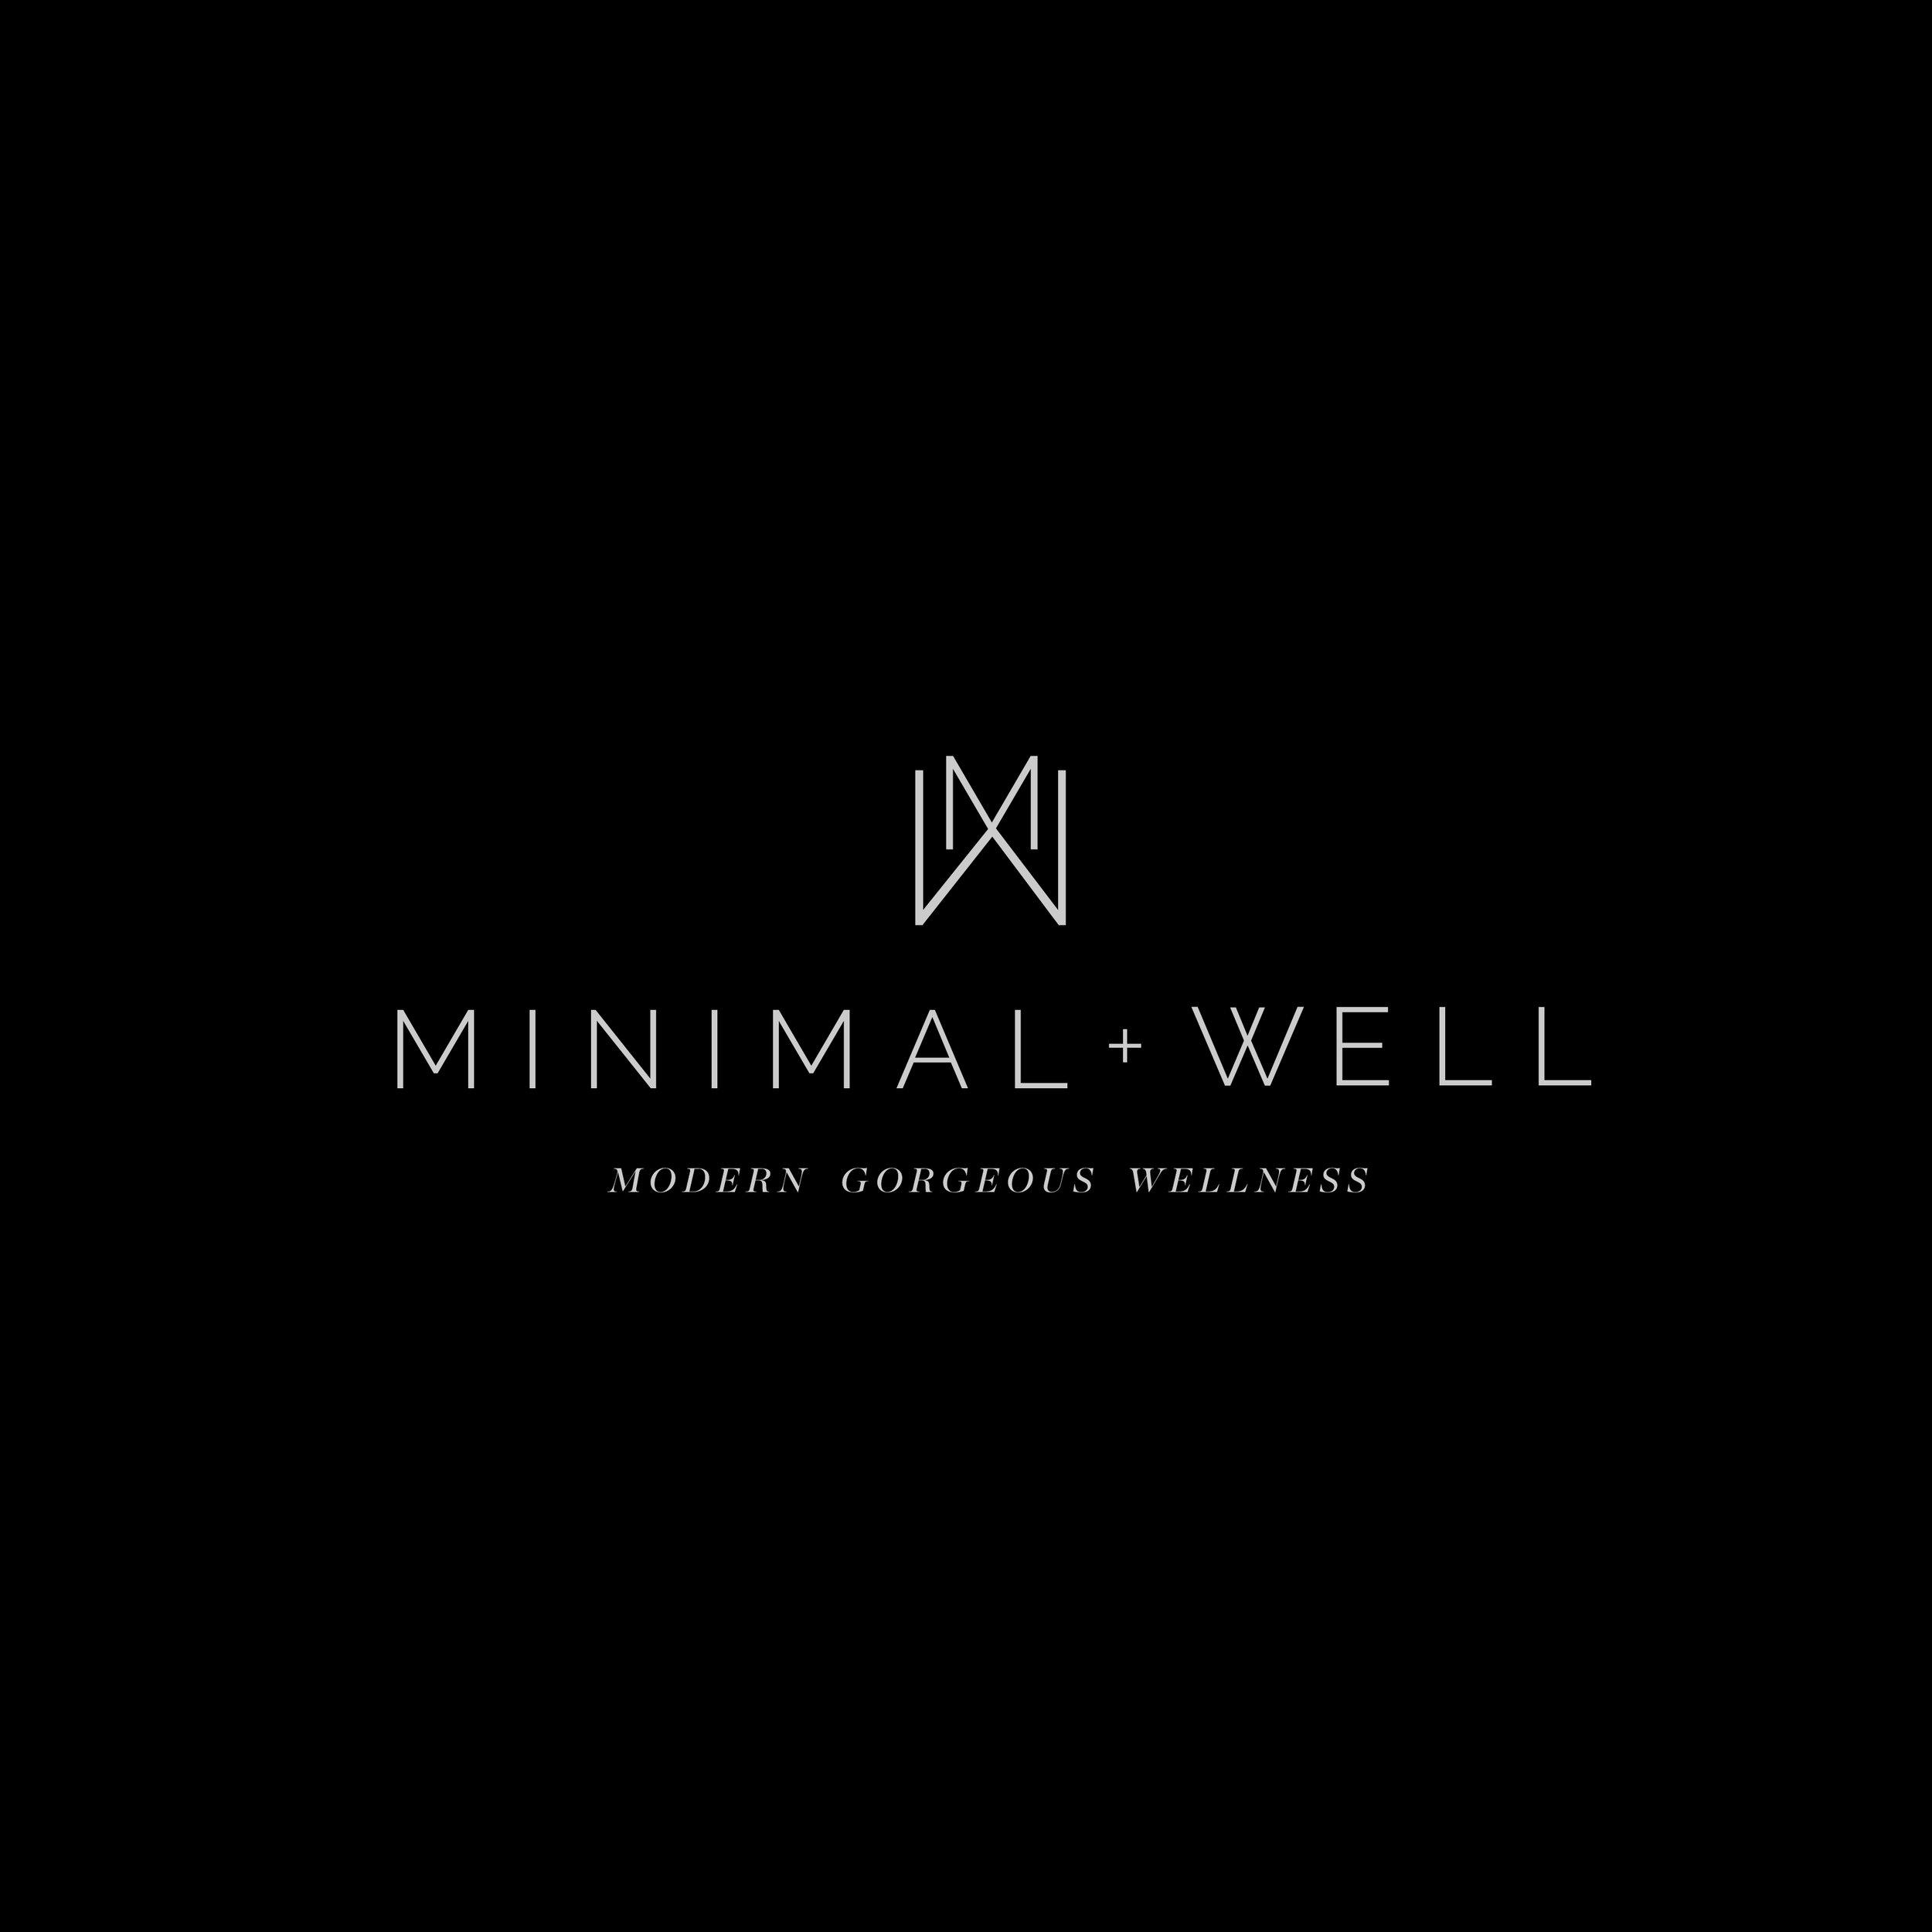 MW-brandingArtboard 9.jpg